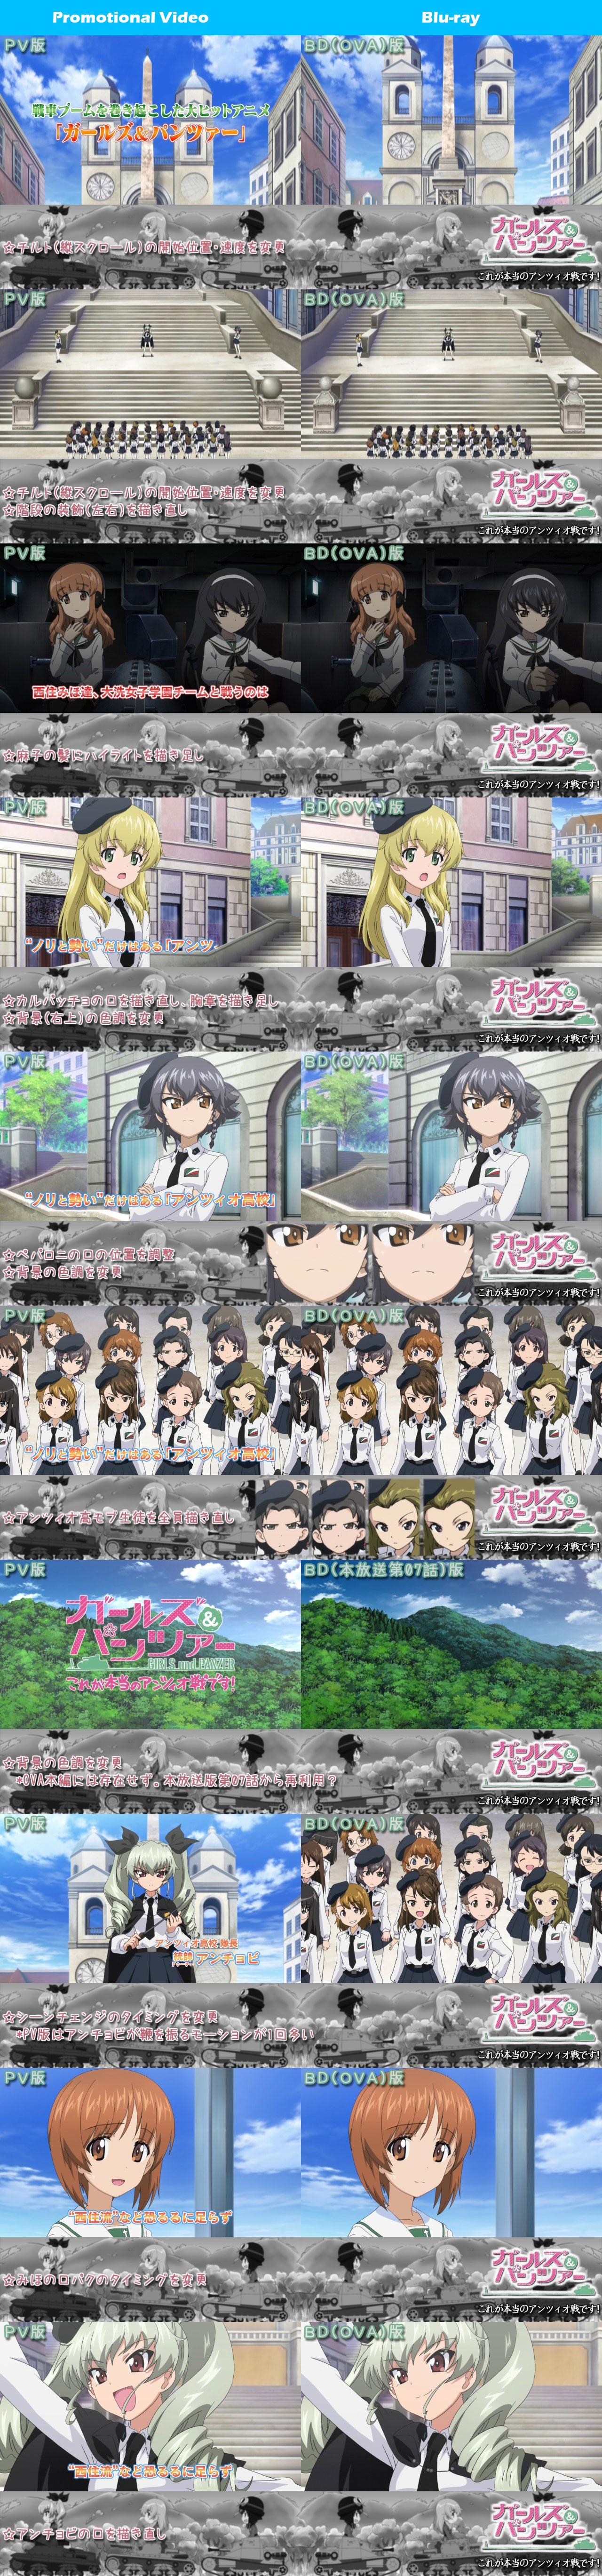 Girls-Und-Panzer-Kore-Ga-Hontou-No-Anzio-Sen-Desu-TV-and-Blu-ray-Comparison-1_Haruhichan.com